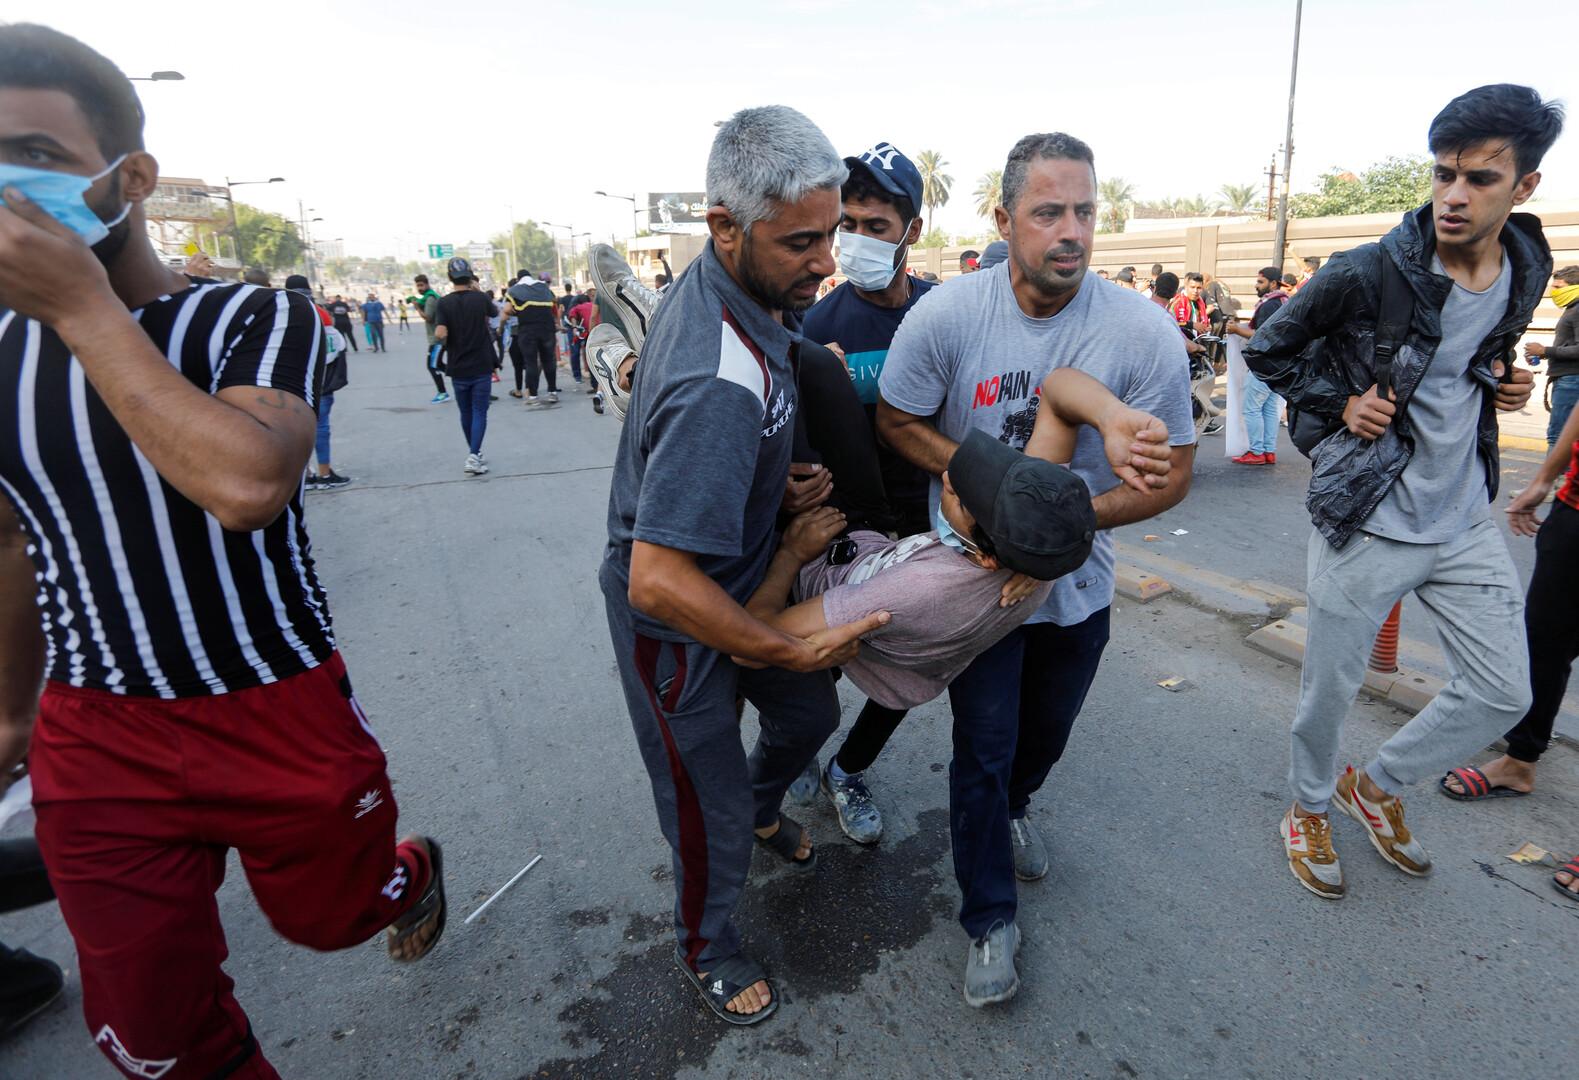 العراق.. الأمن يستخدم الغاز المسيل للدموع على أبواب المنطقة الخضراء